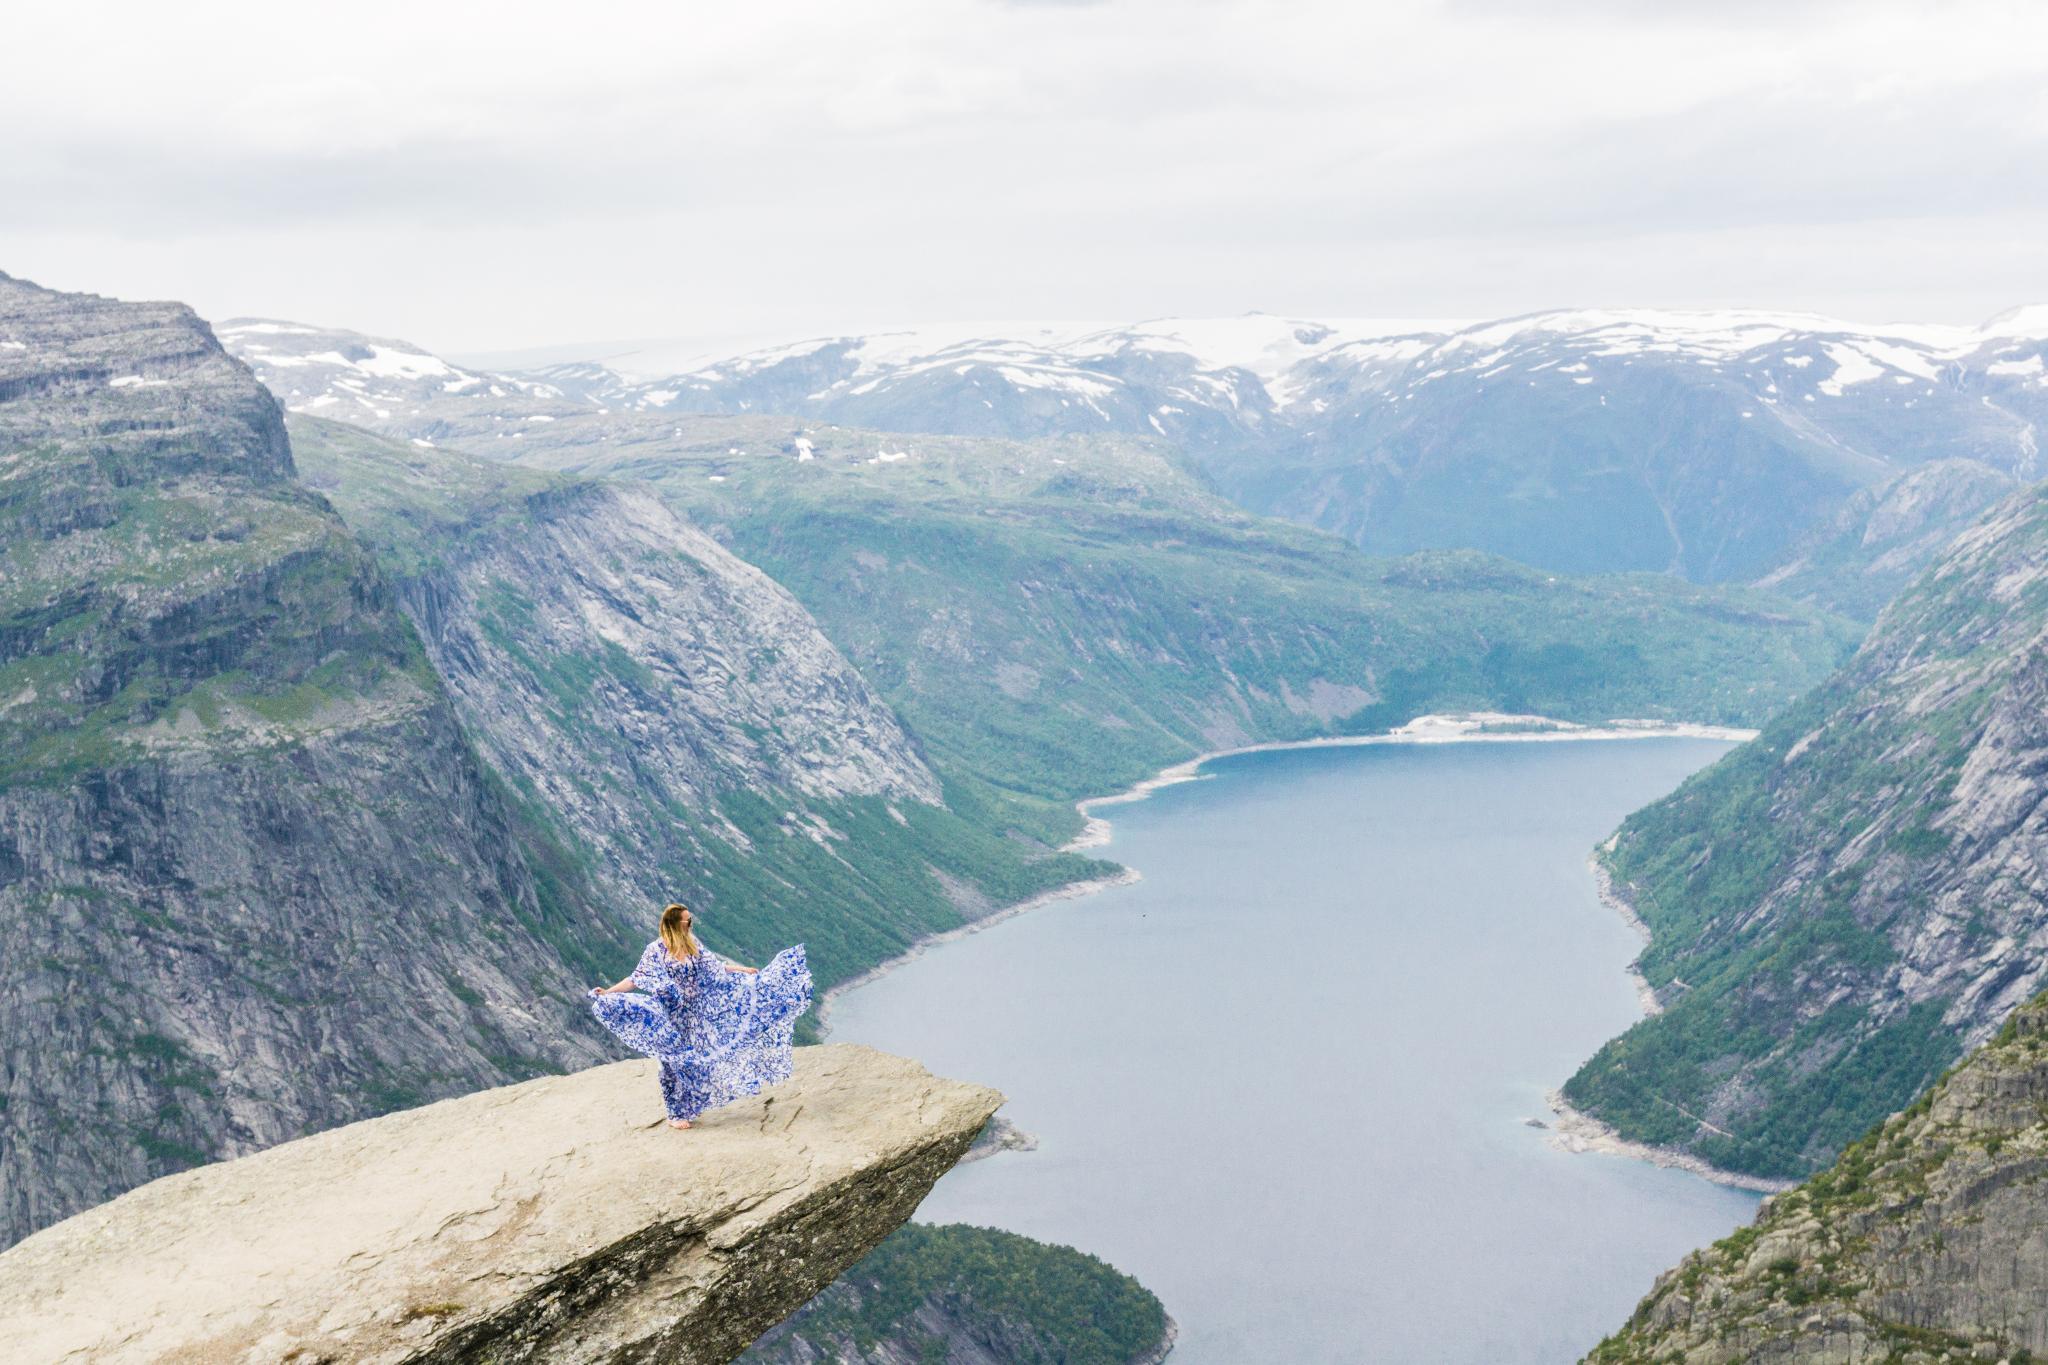 【北歐景點】挪威惡魔之舌 Trolltunga — 28公里健行挑戰全攻略 235